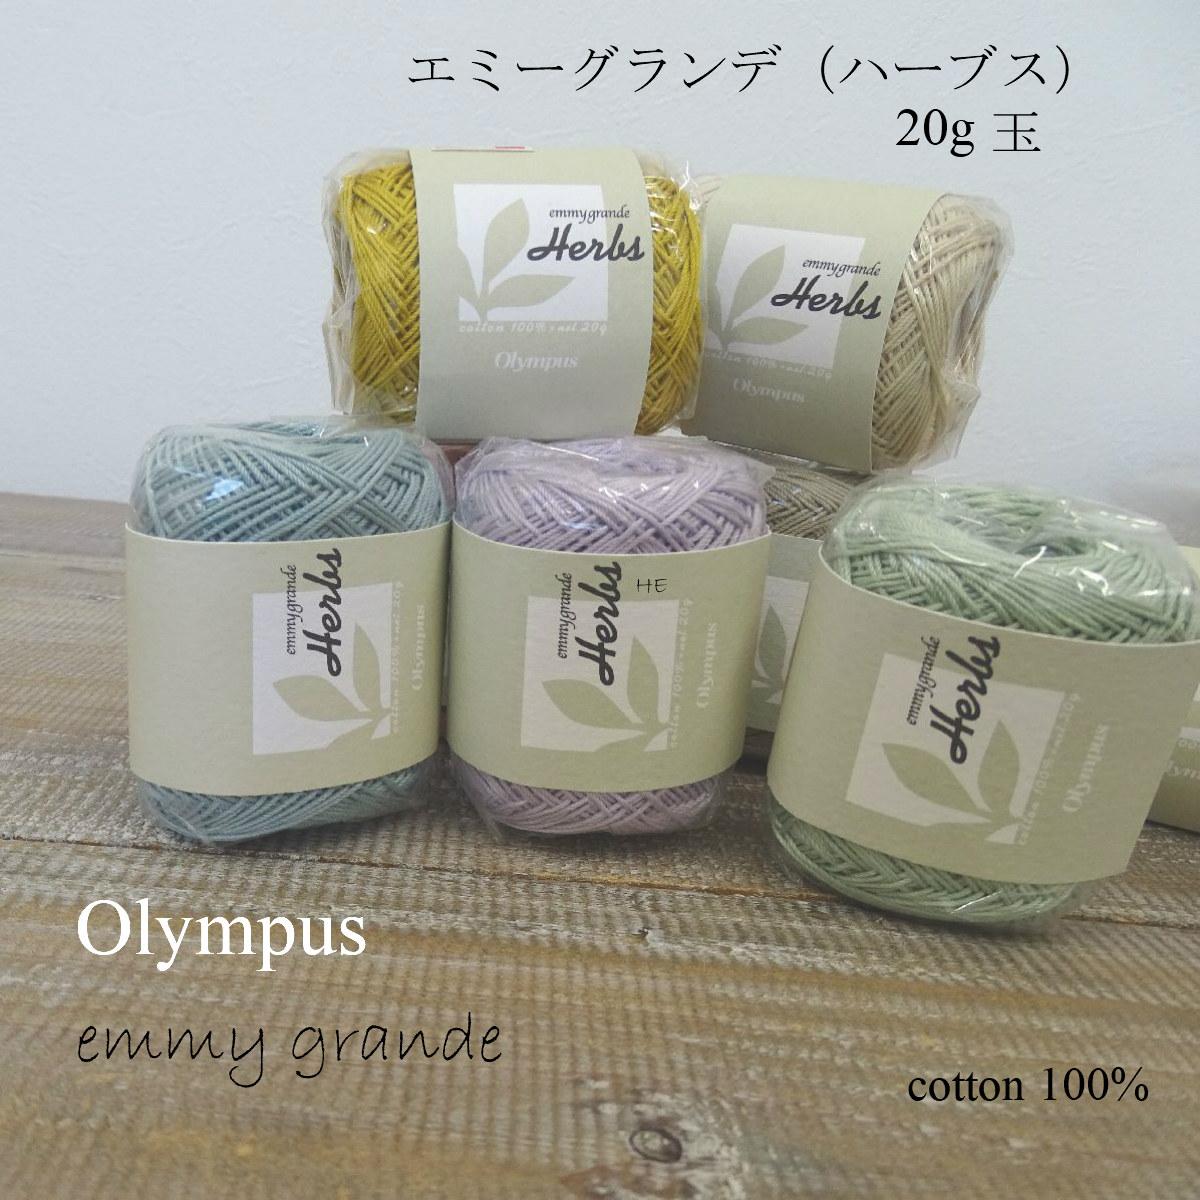 レース糸 Olympus エミーグランデ ハーブス 小物作りなどに 高品質 全商品オープニング価格 優しいお色